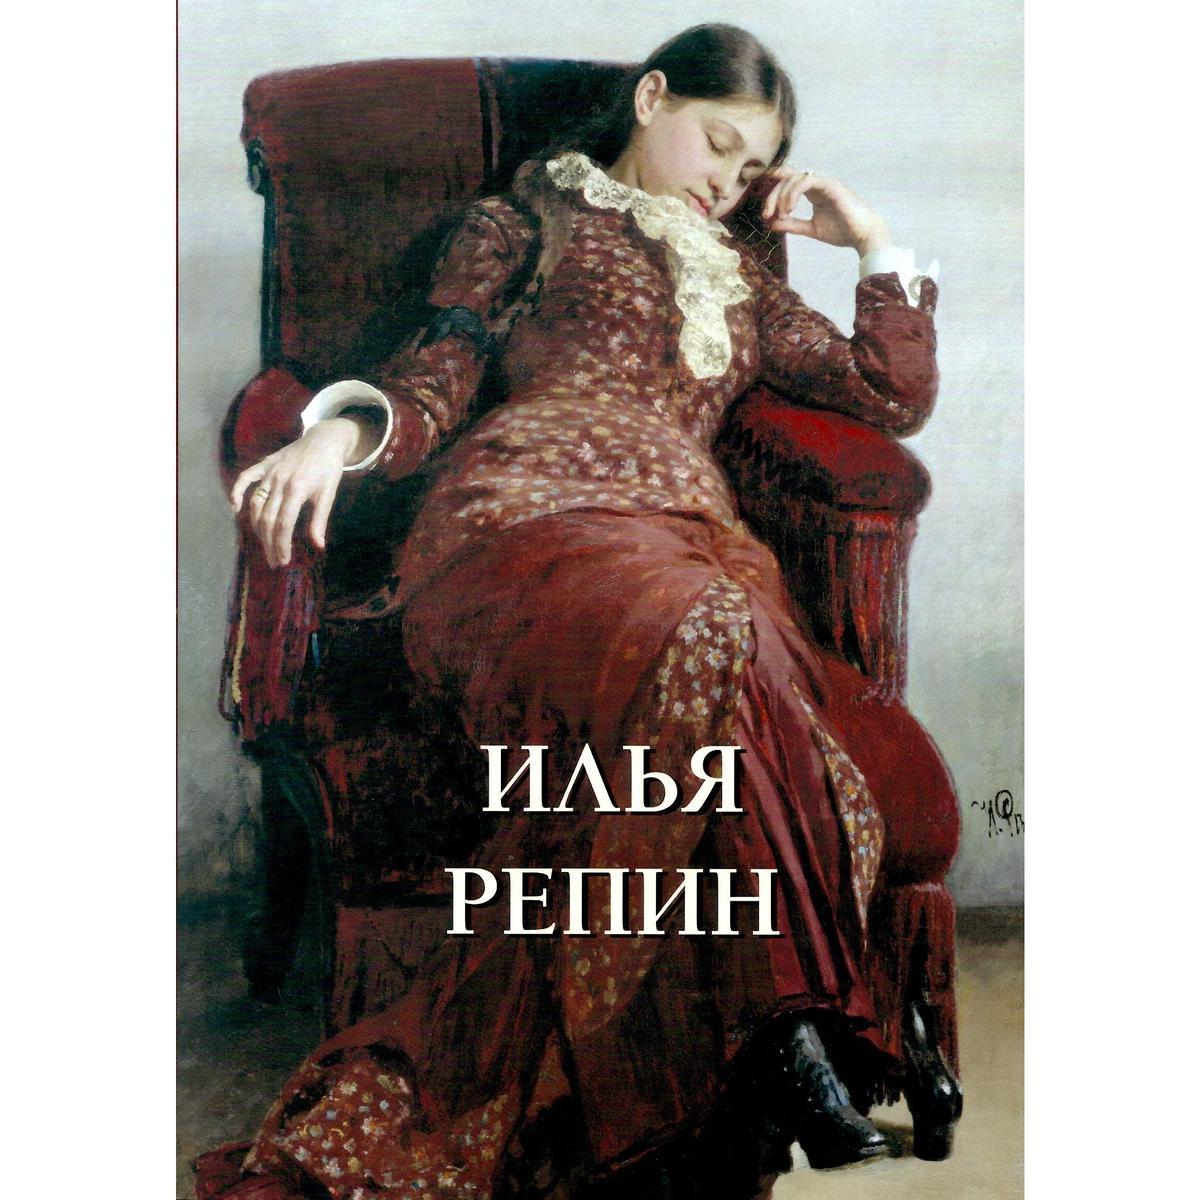 イリヤ・レーピンの画像 p1_21